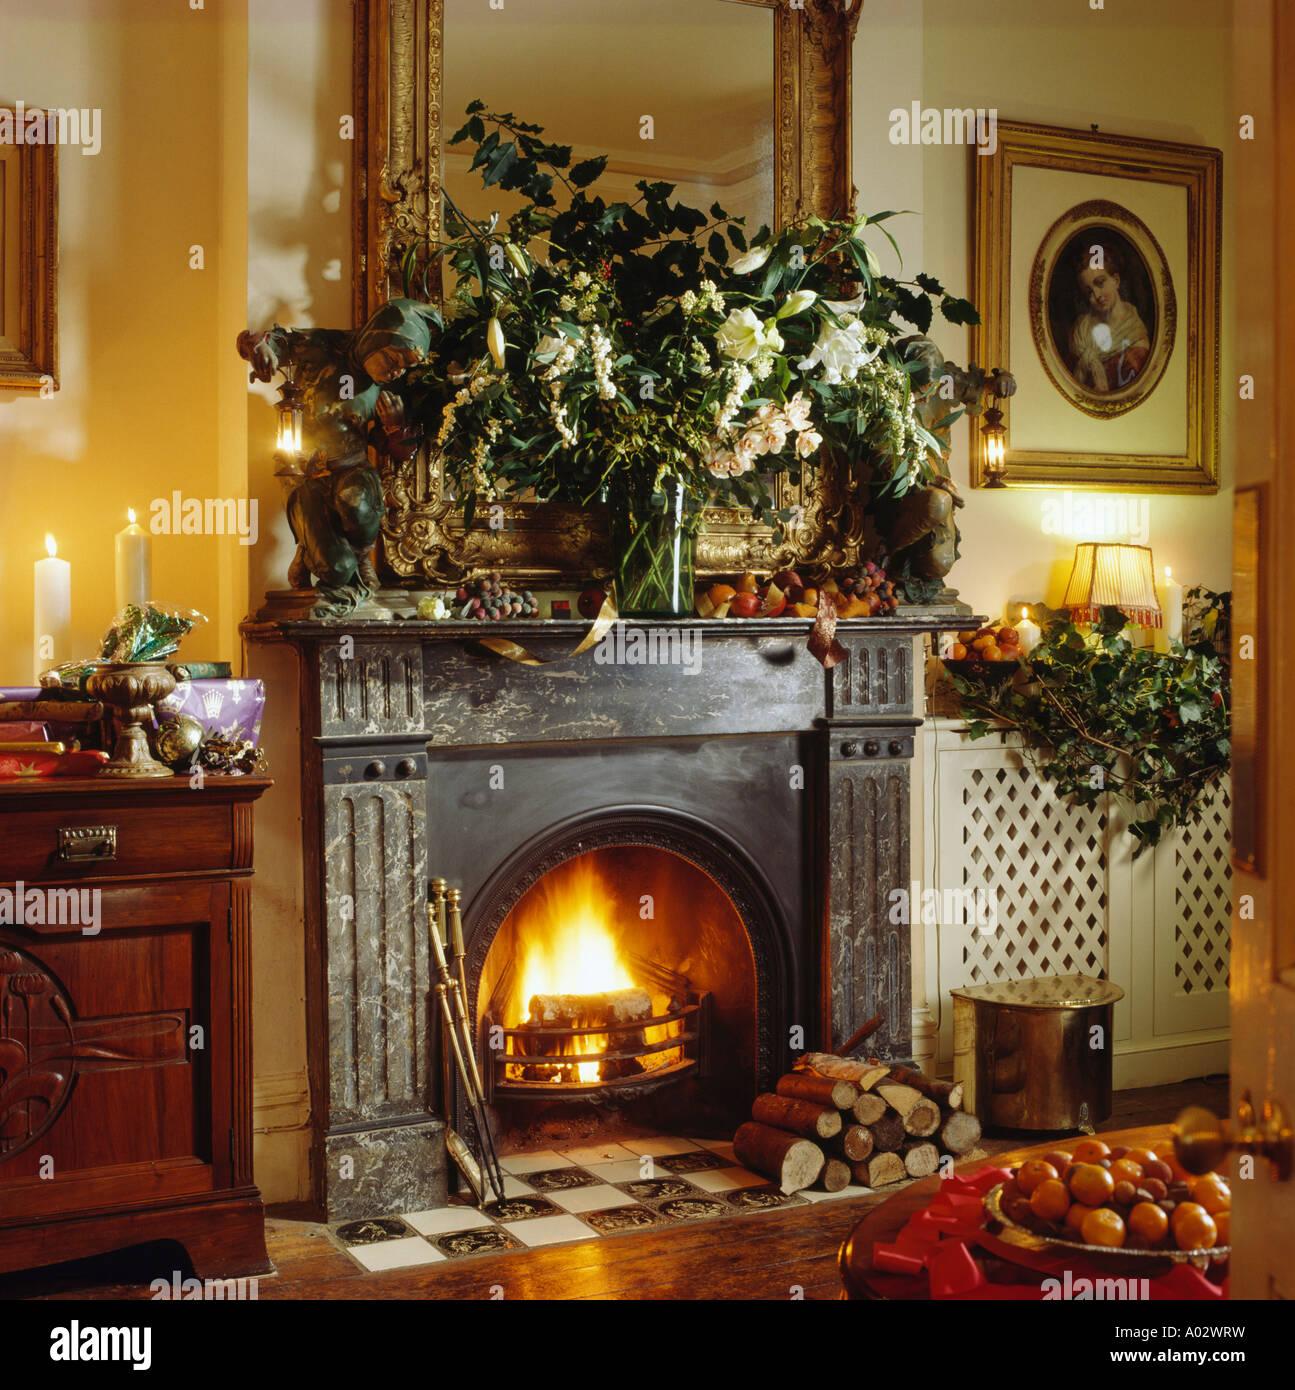 Gusseiserne traditionellen kamin im wohnzimmer weihnachten - Weihnachten wohnzimmer ...